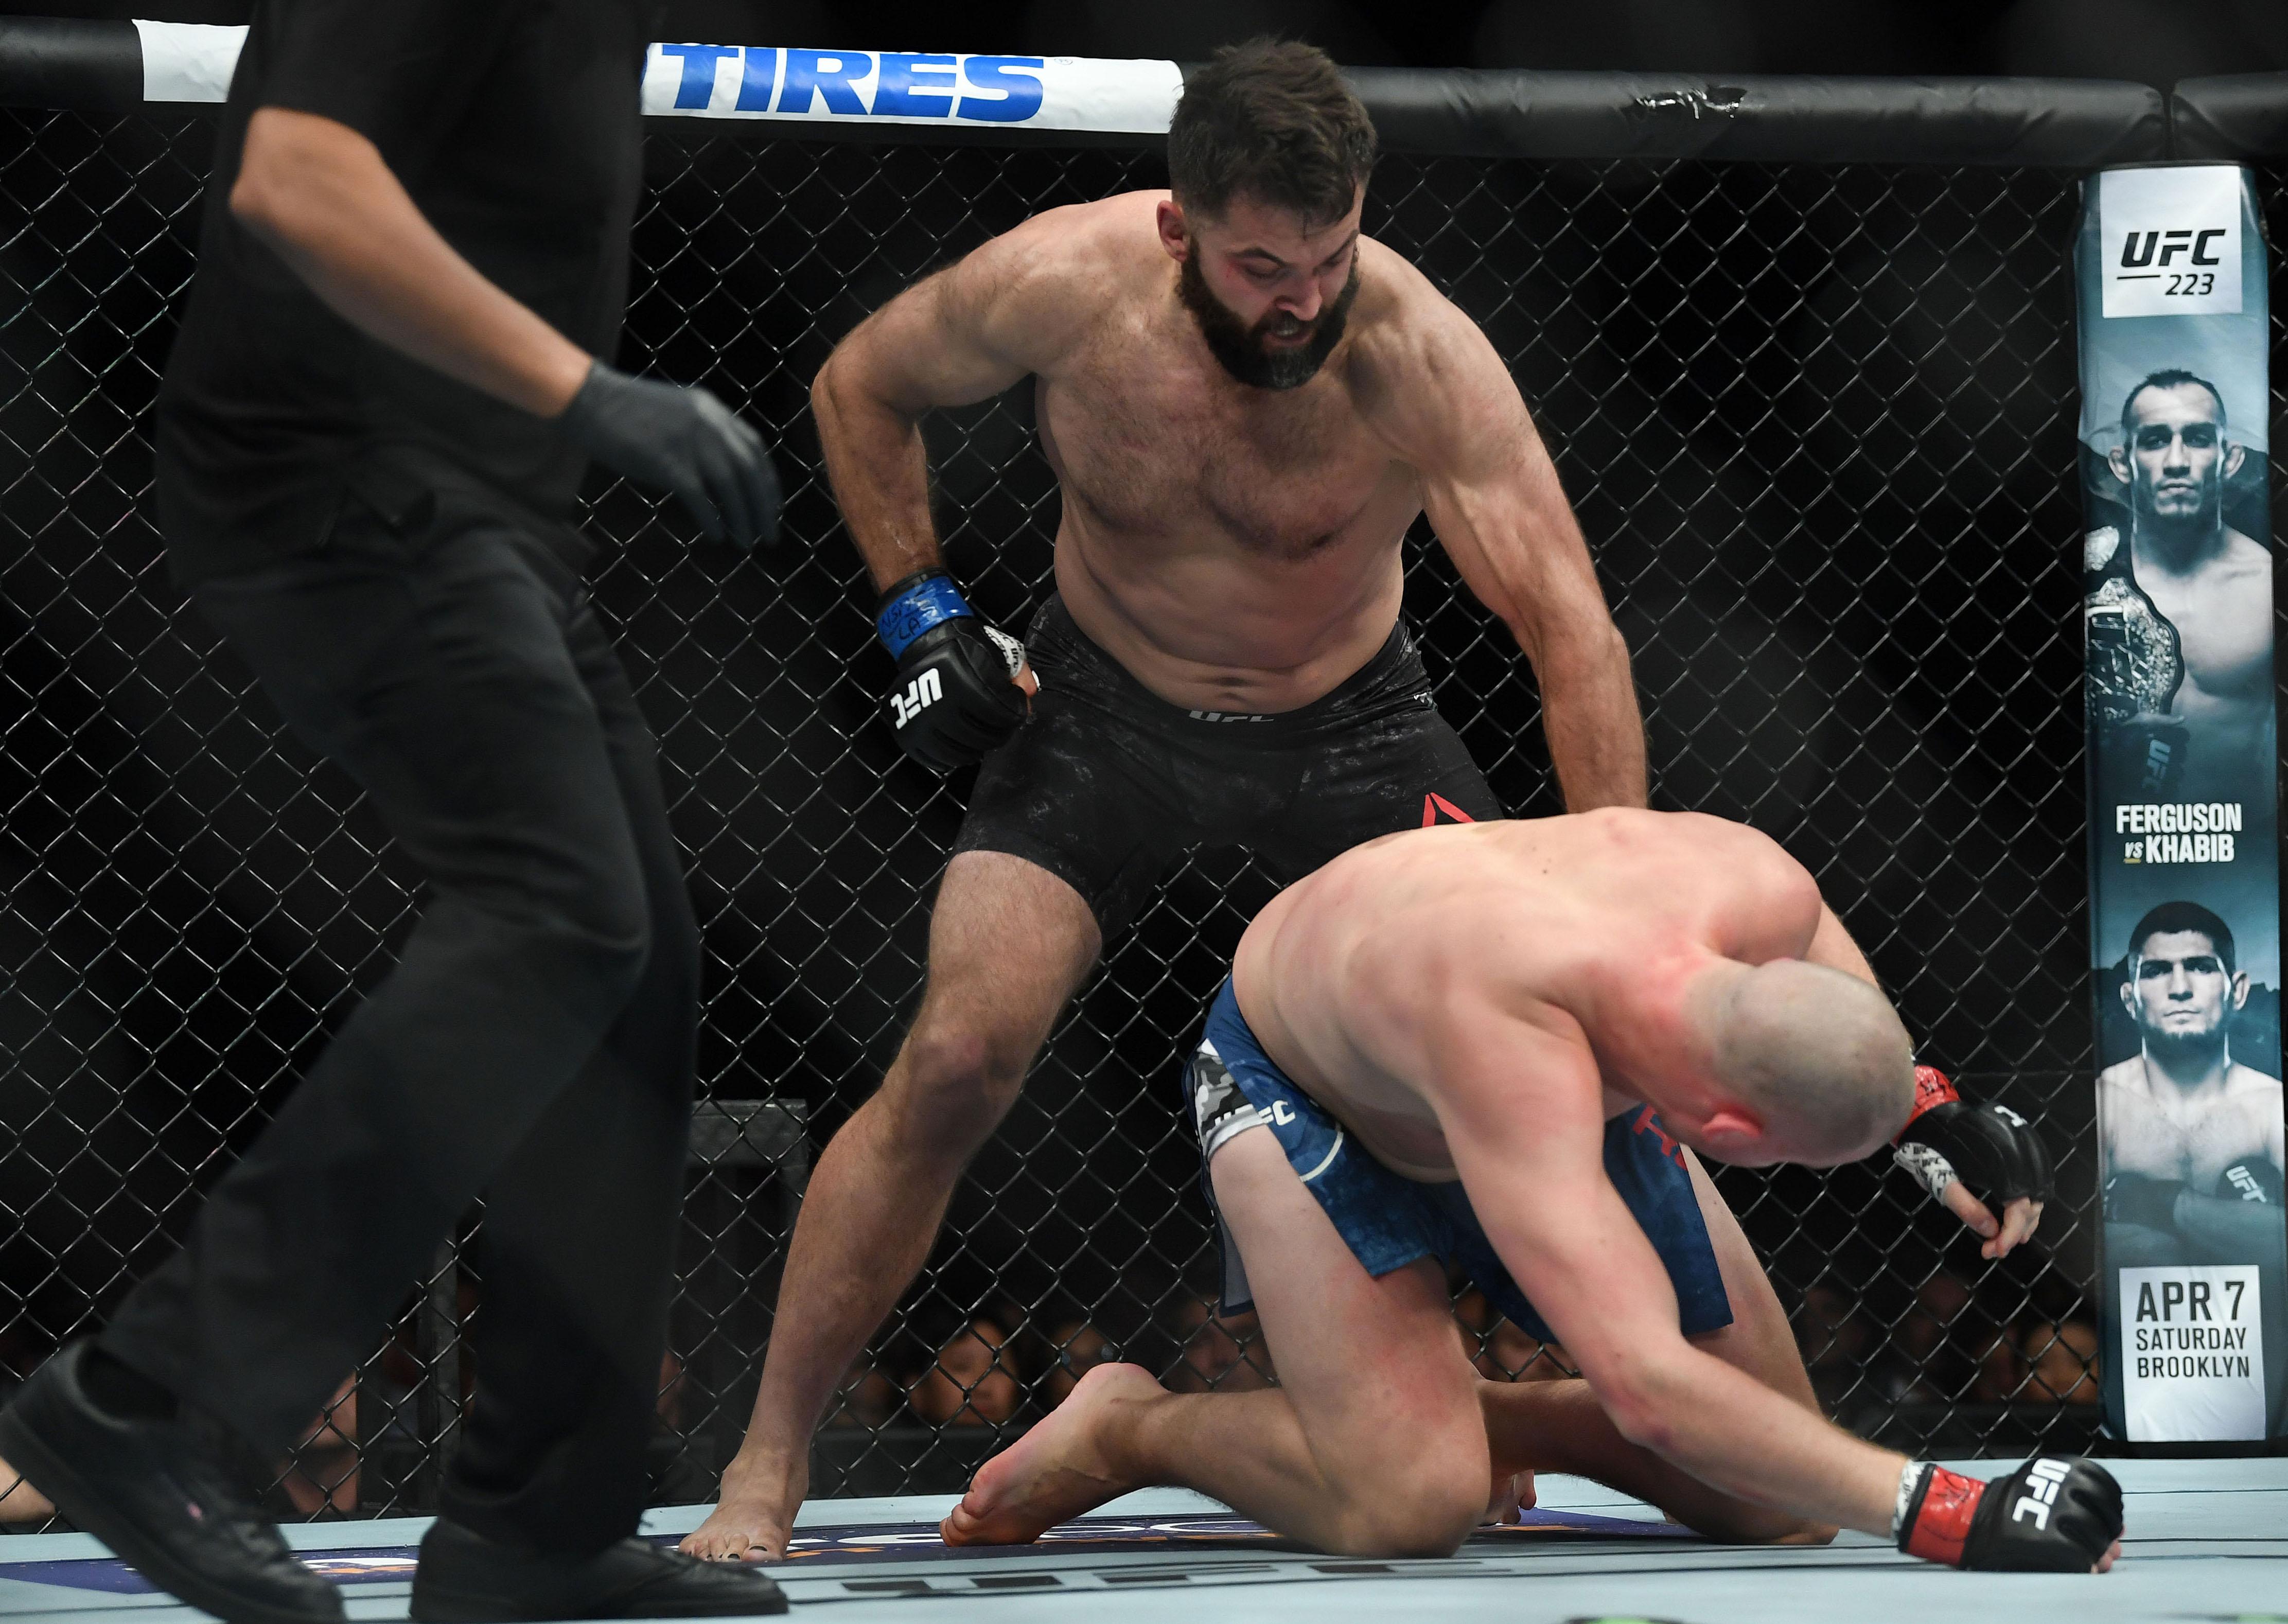 MMA: UFC 222-Struve vs Arlovski